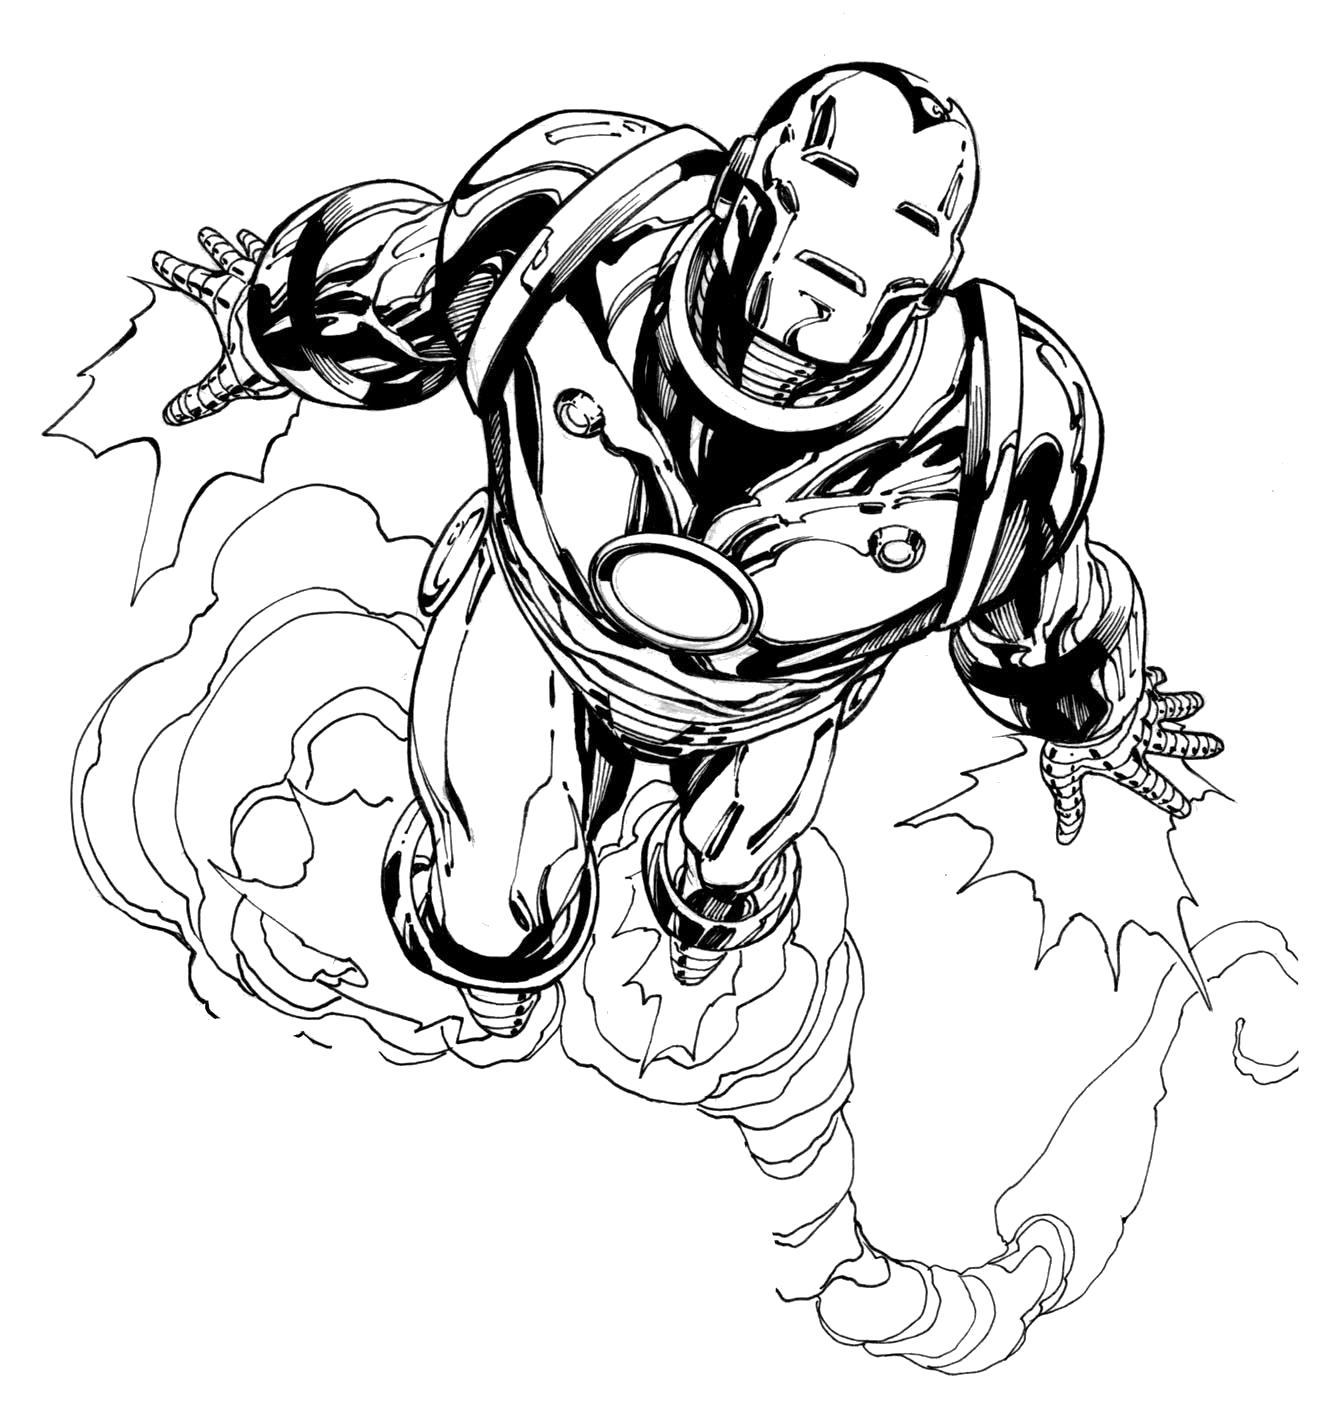 Раскраска Скачать картинки и раскрашки Бэтмен. Скачать Железный человек.  Распечатать Комиксы и супергерои